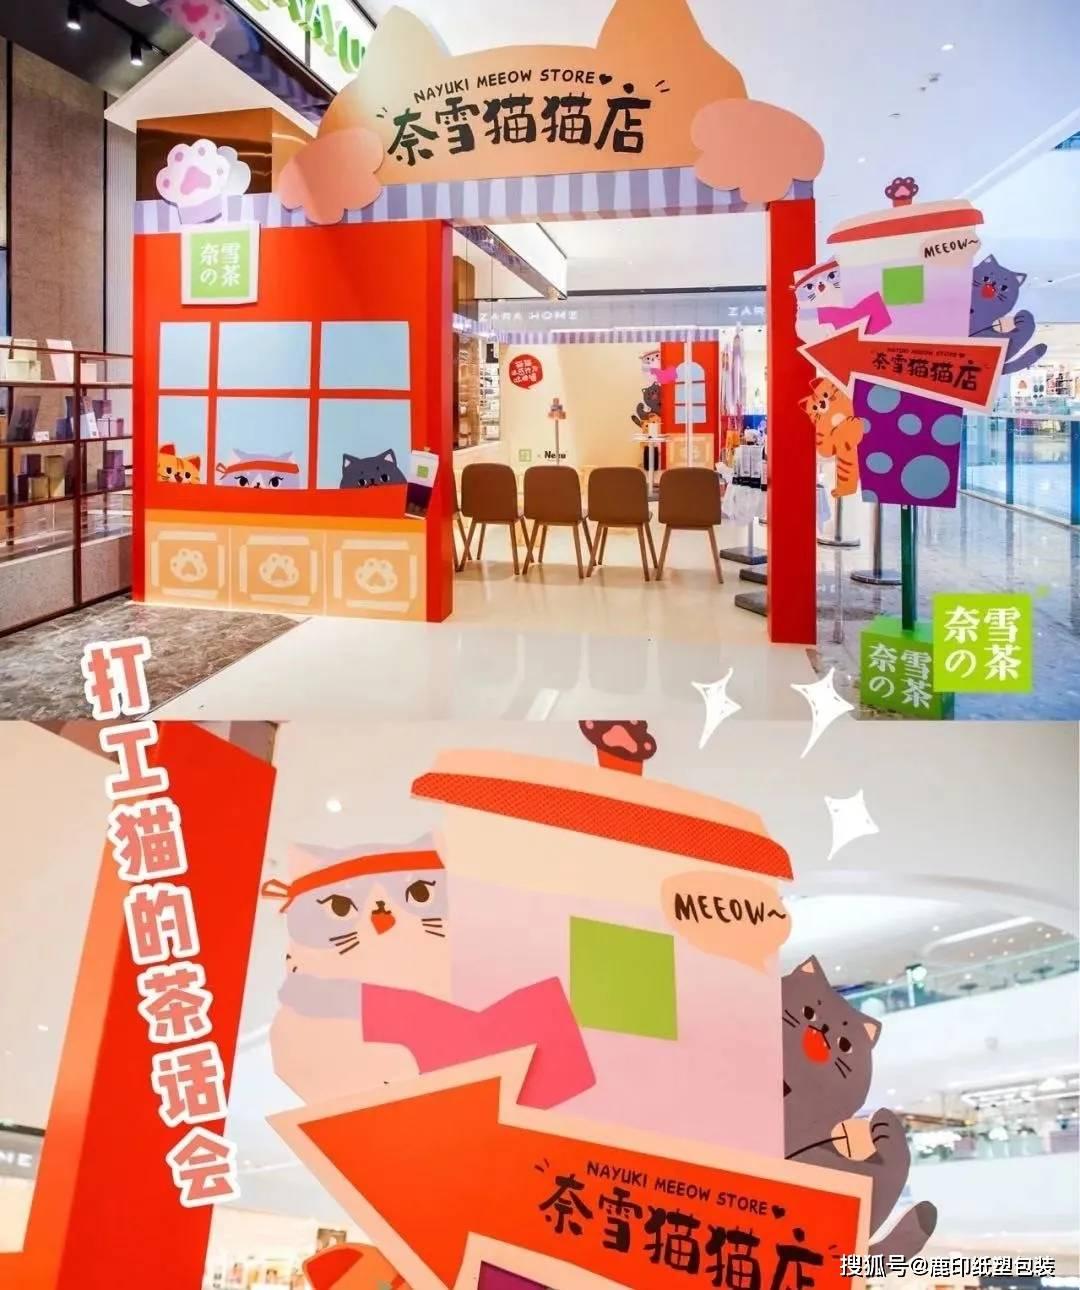 【鹿印网】餐饮大牌都在用的营销方式,门店传统营销已成过去式(图6)